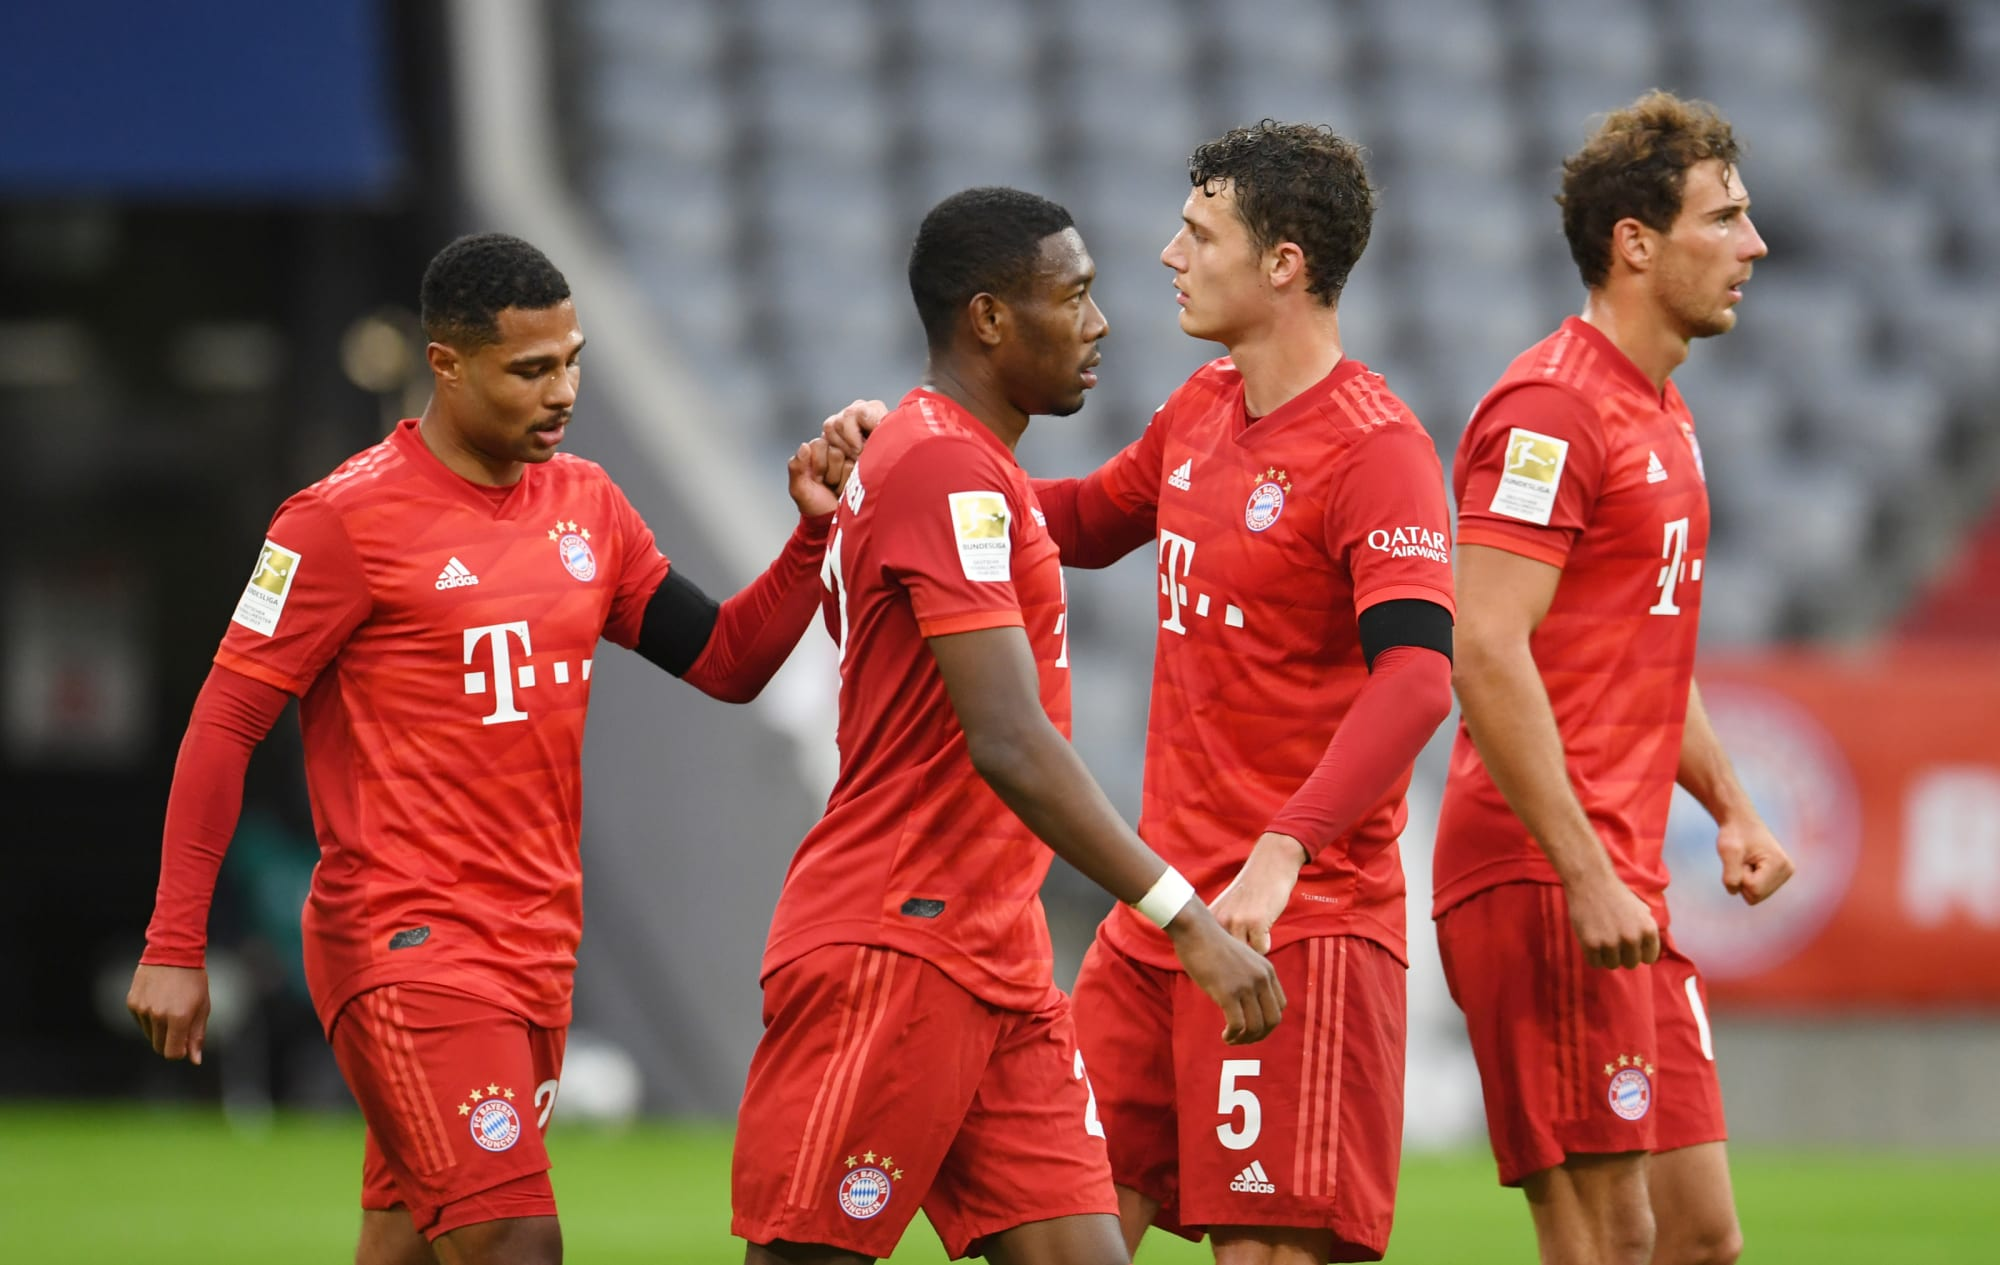 Bayern Munich see out Eintracht Frankfurt at Allianz Arena